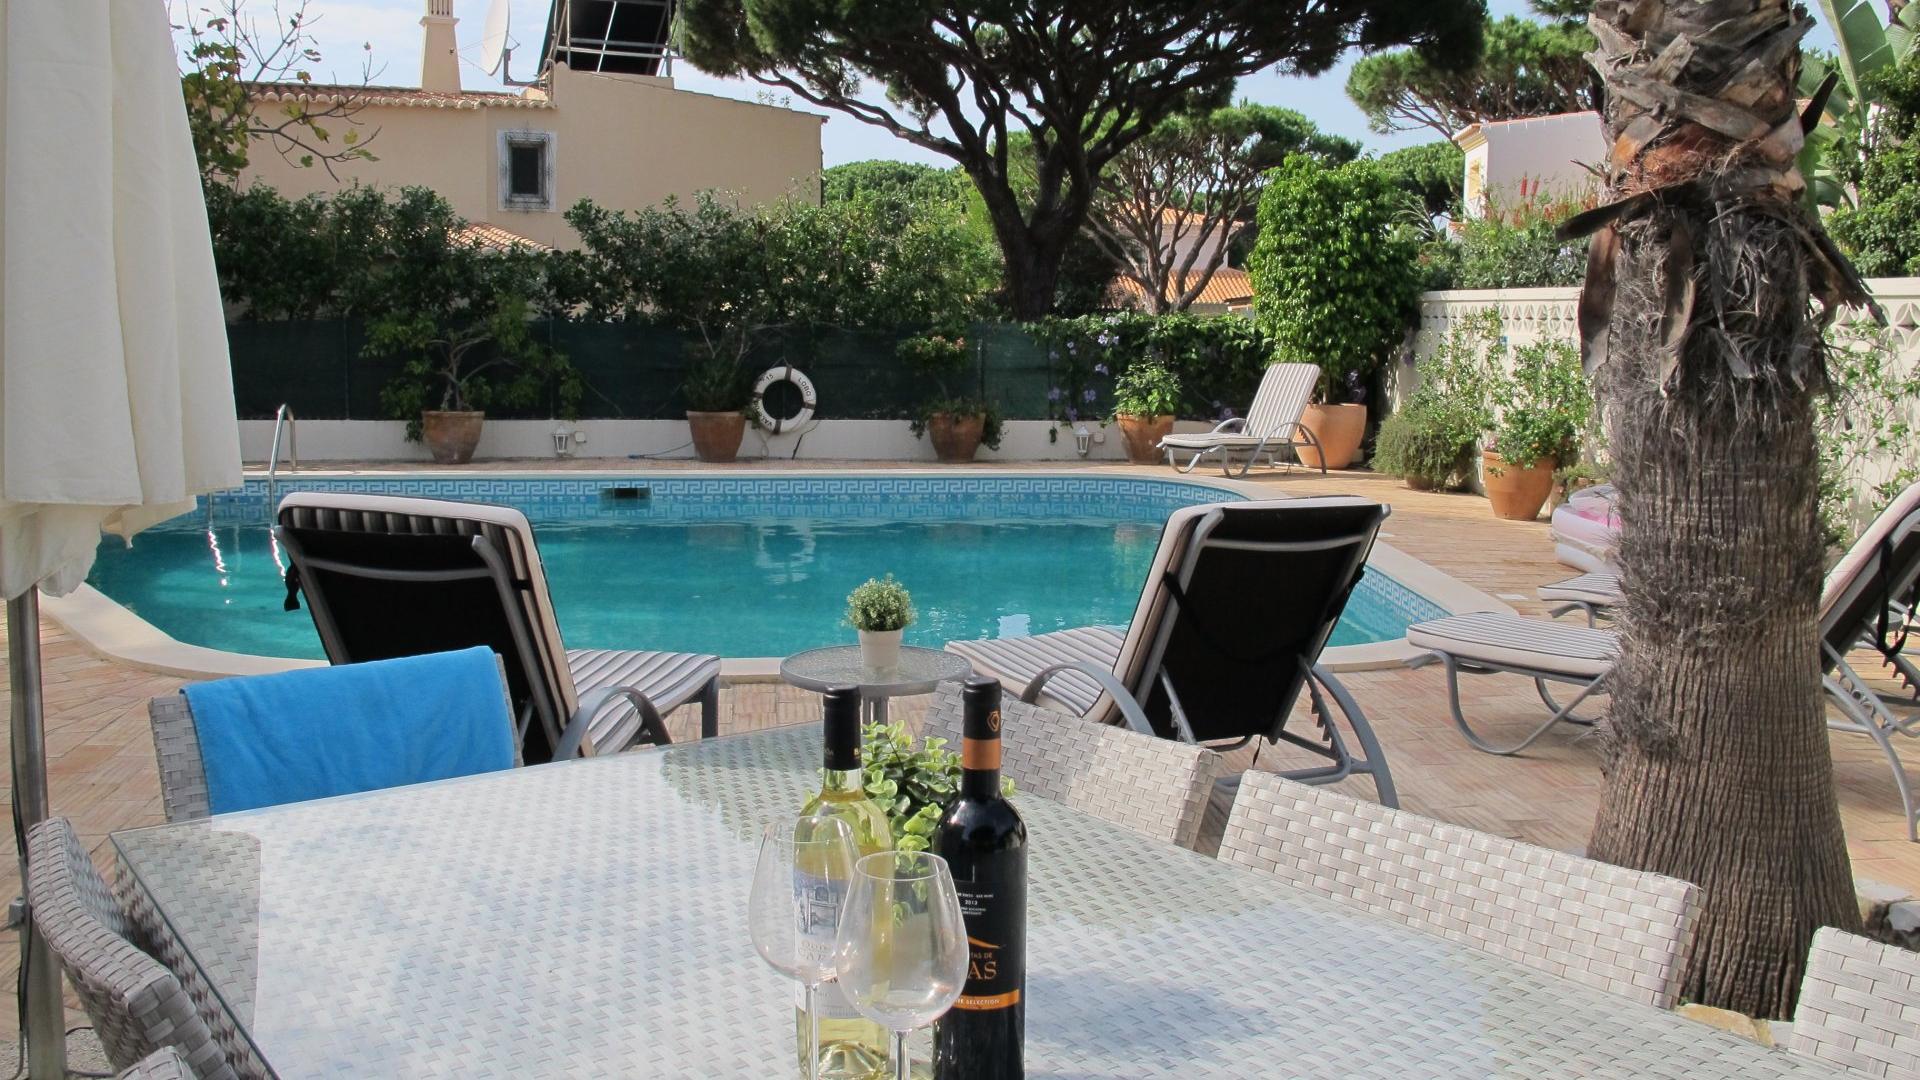 Villa Kirribilli - Vale do Lobo, Algarve - IMG_5269.jpg